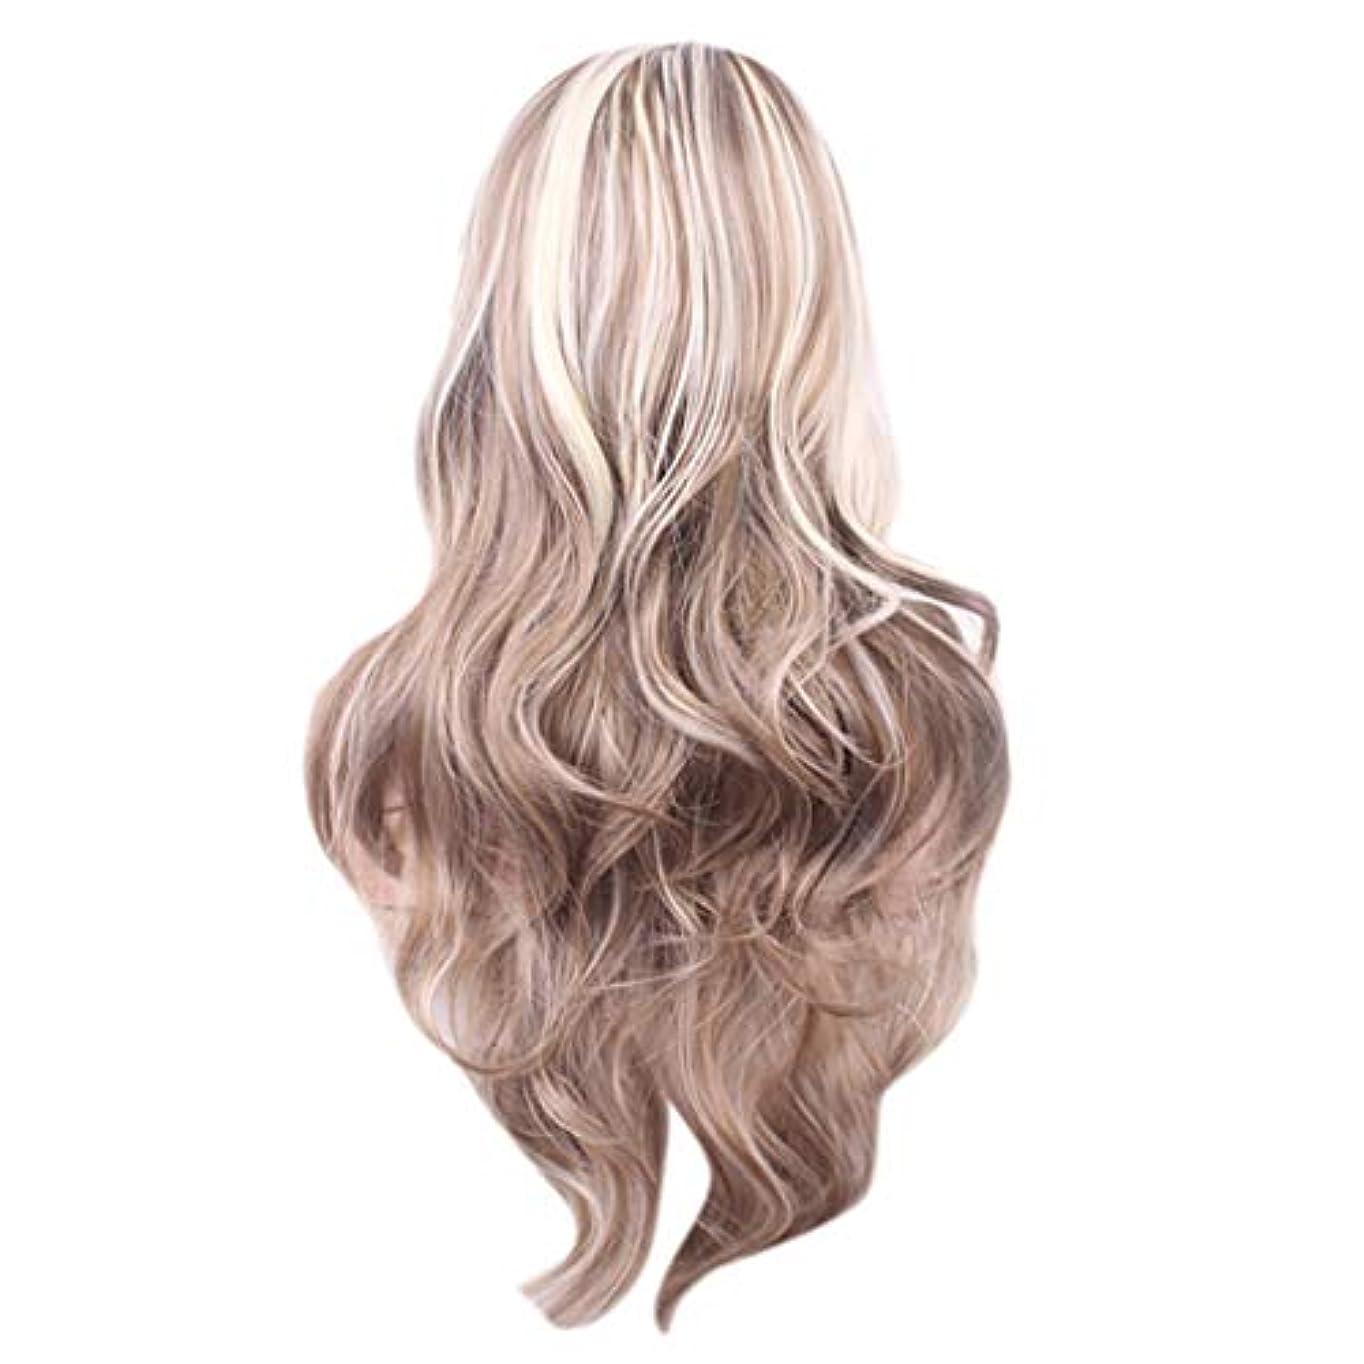 質量日光発揮する女性のセクシーな長い巻き毛のかつら70センチウィッグ